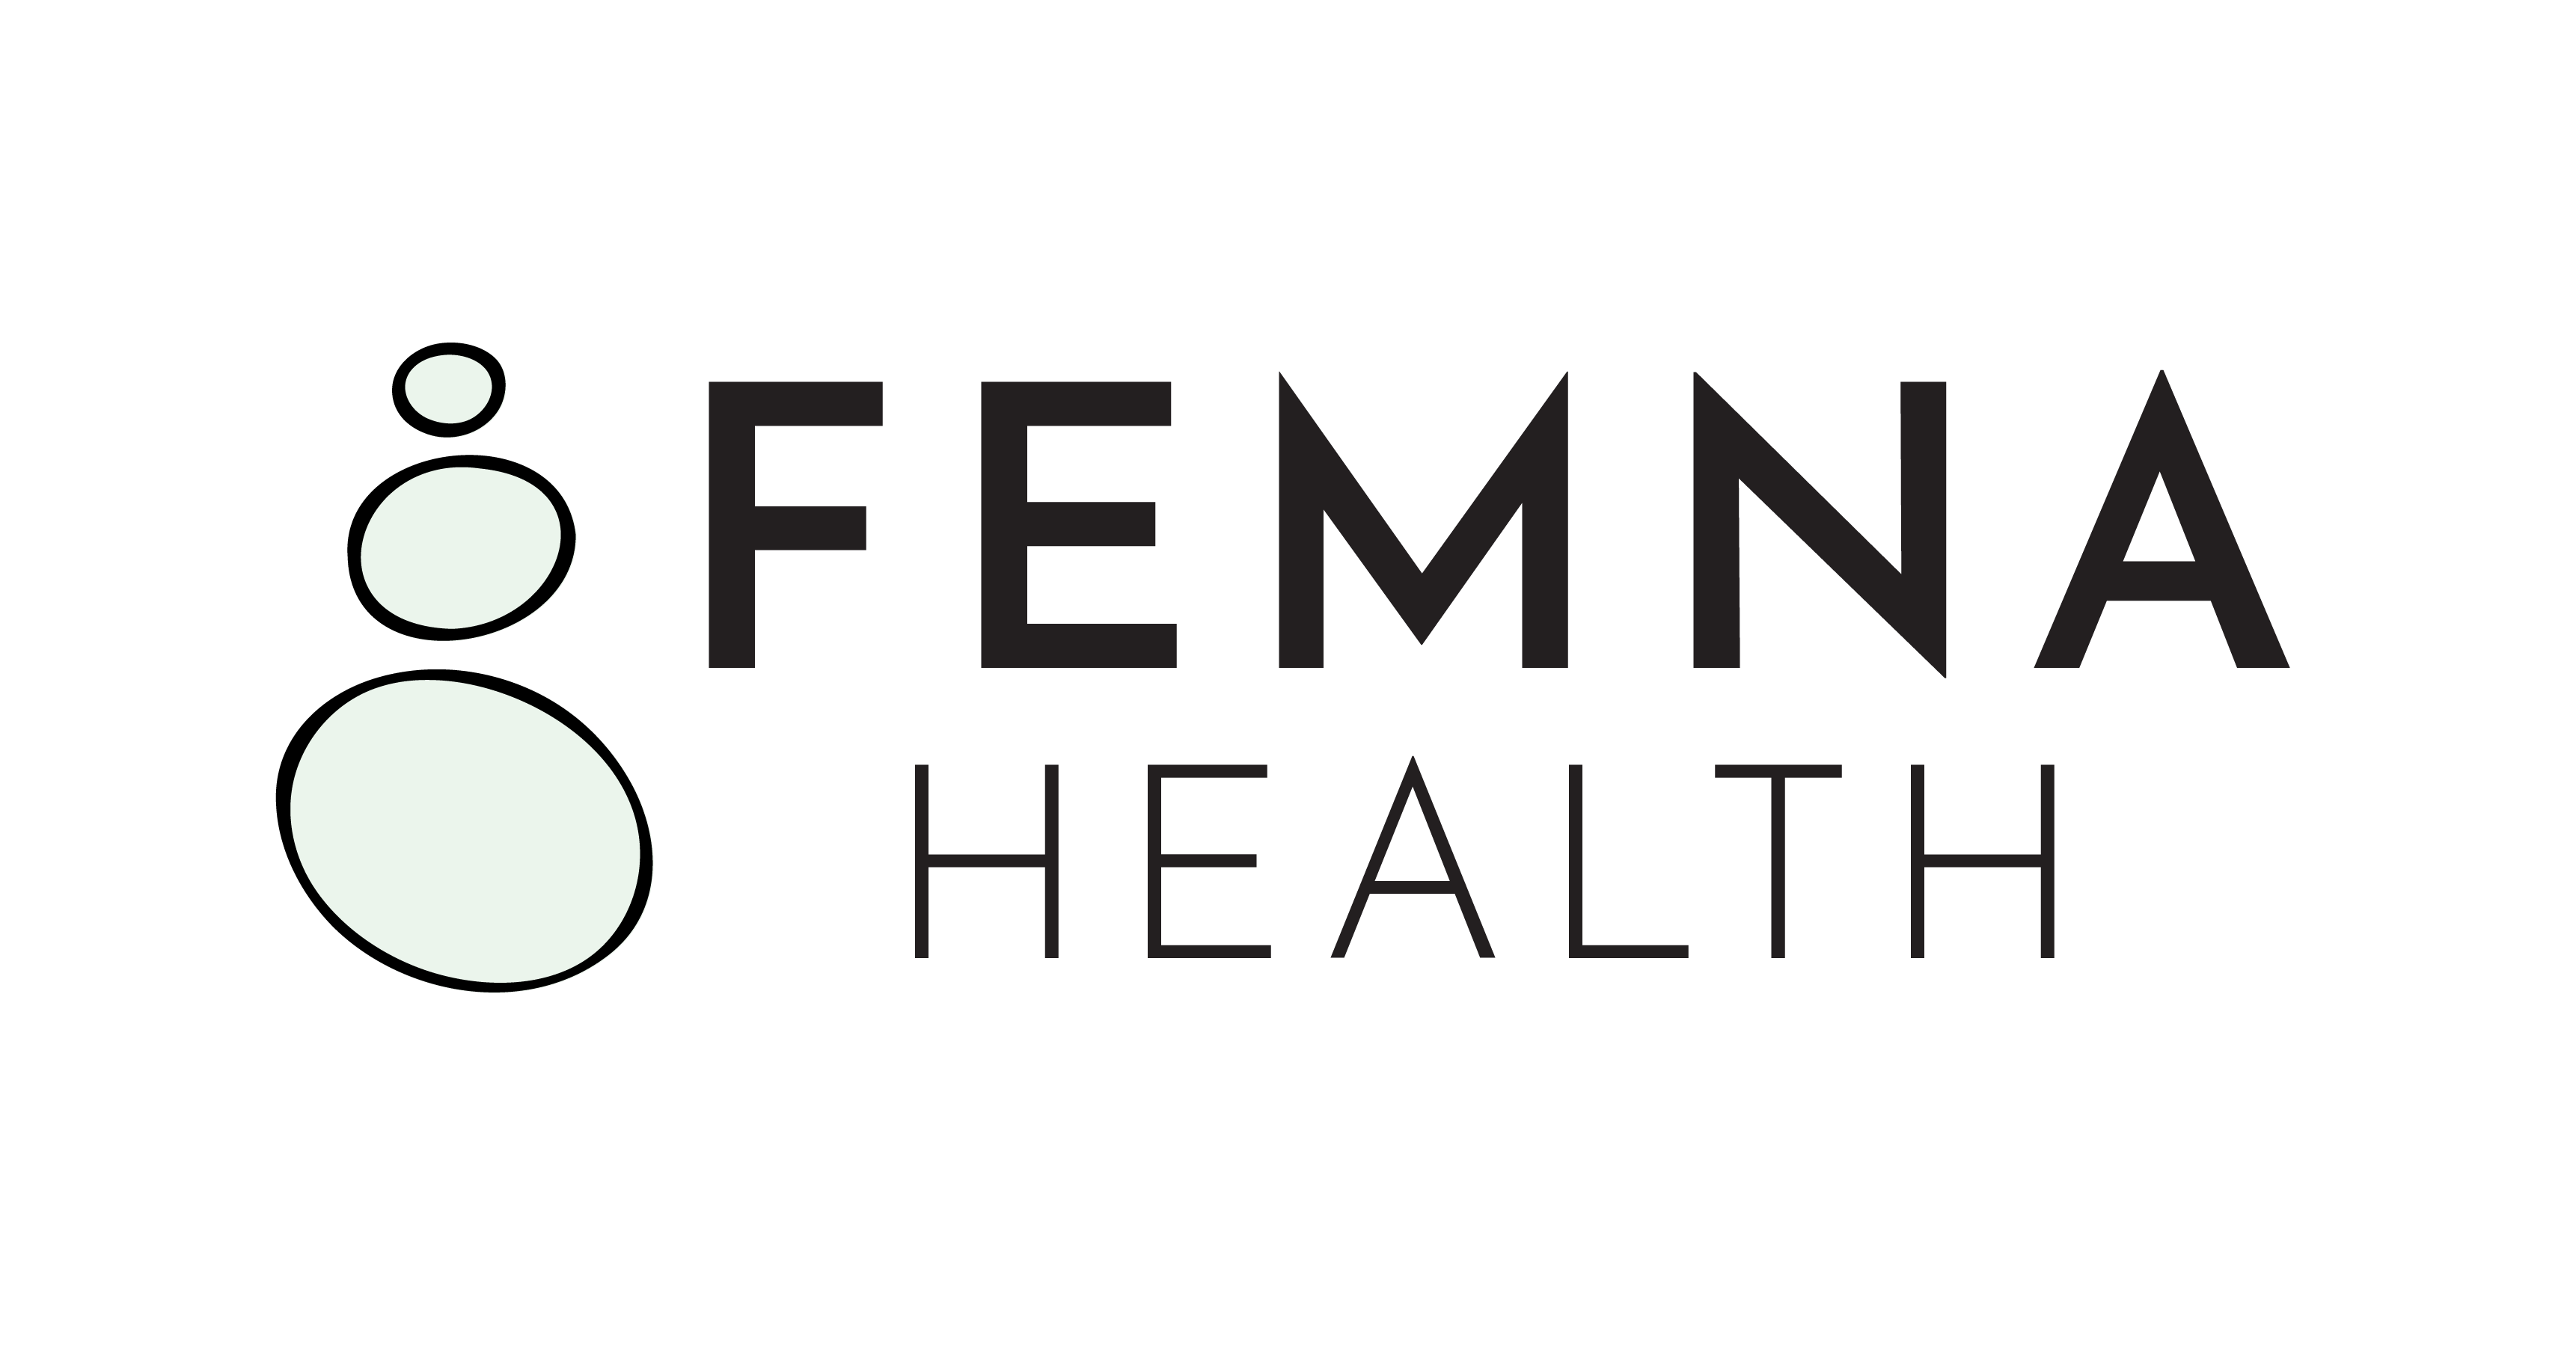 Lesen FEMNA Bewertungen